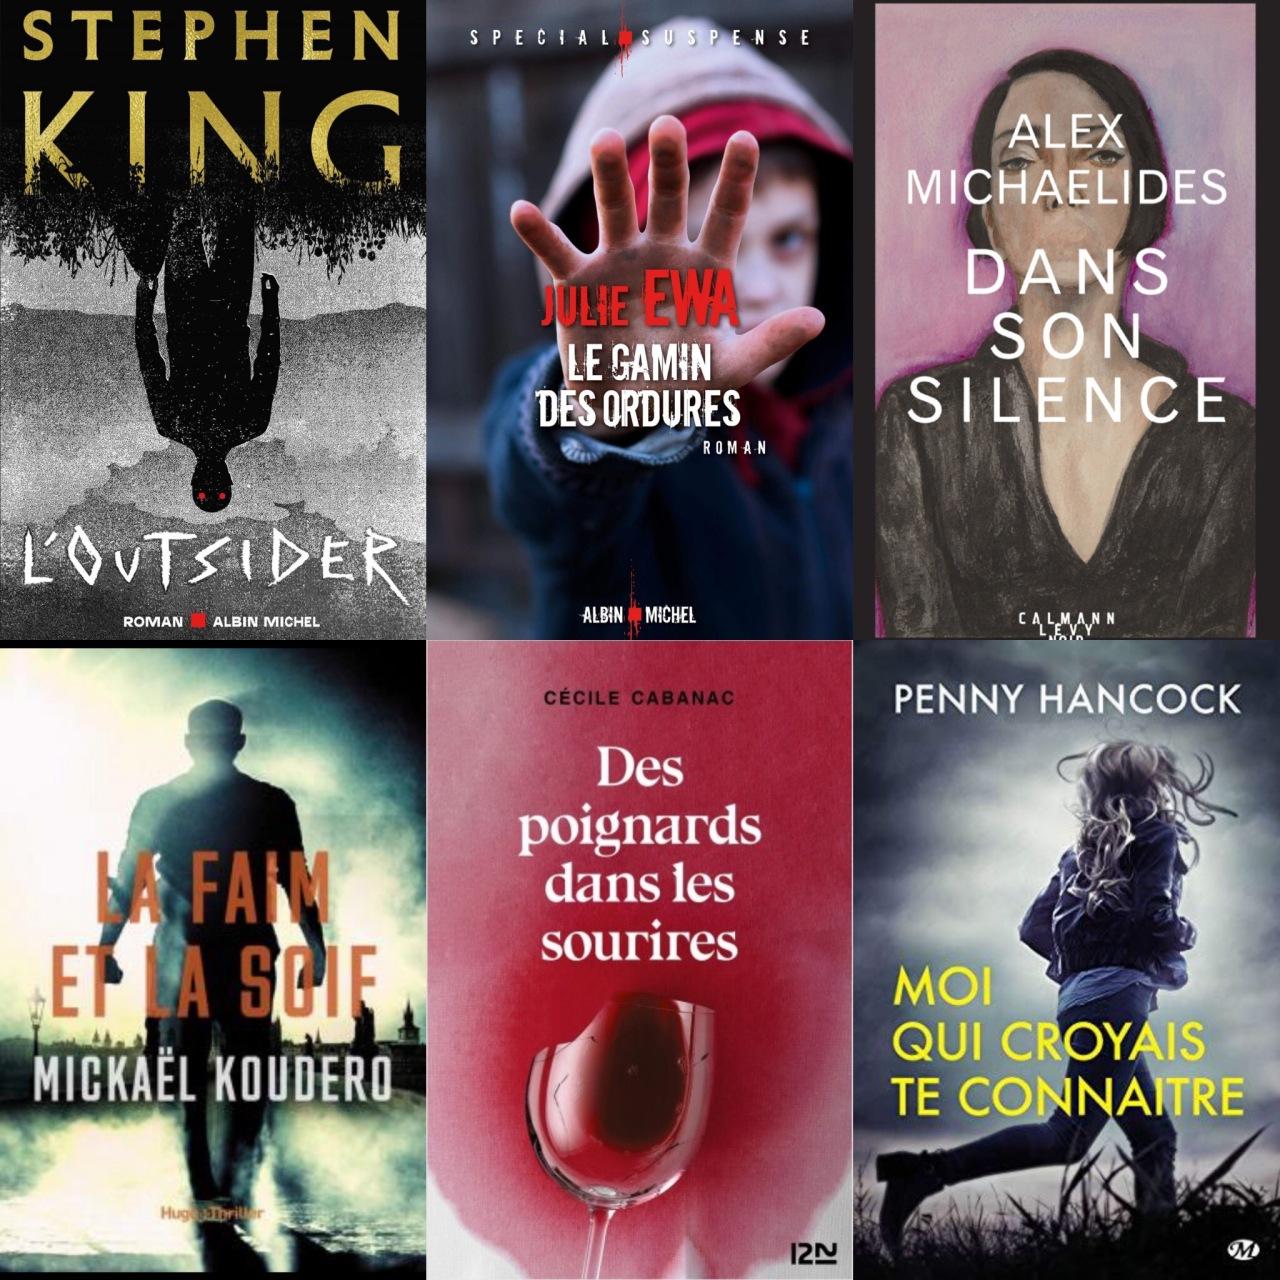 Mes Livres A Lire Pour Fin Janvier Et Fevrier 2019 Aude